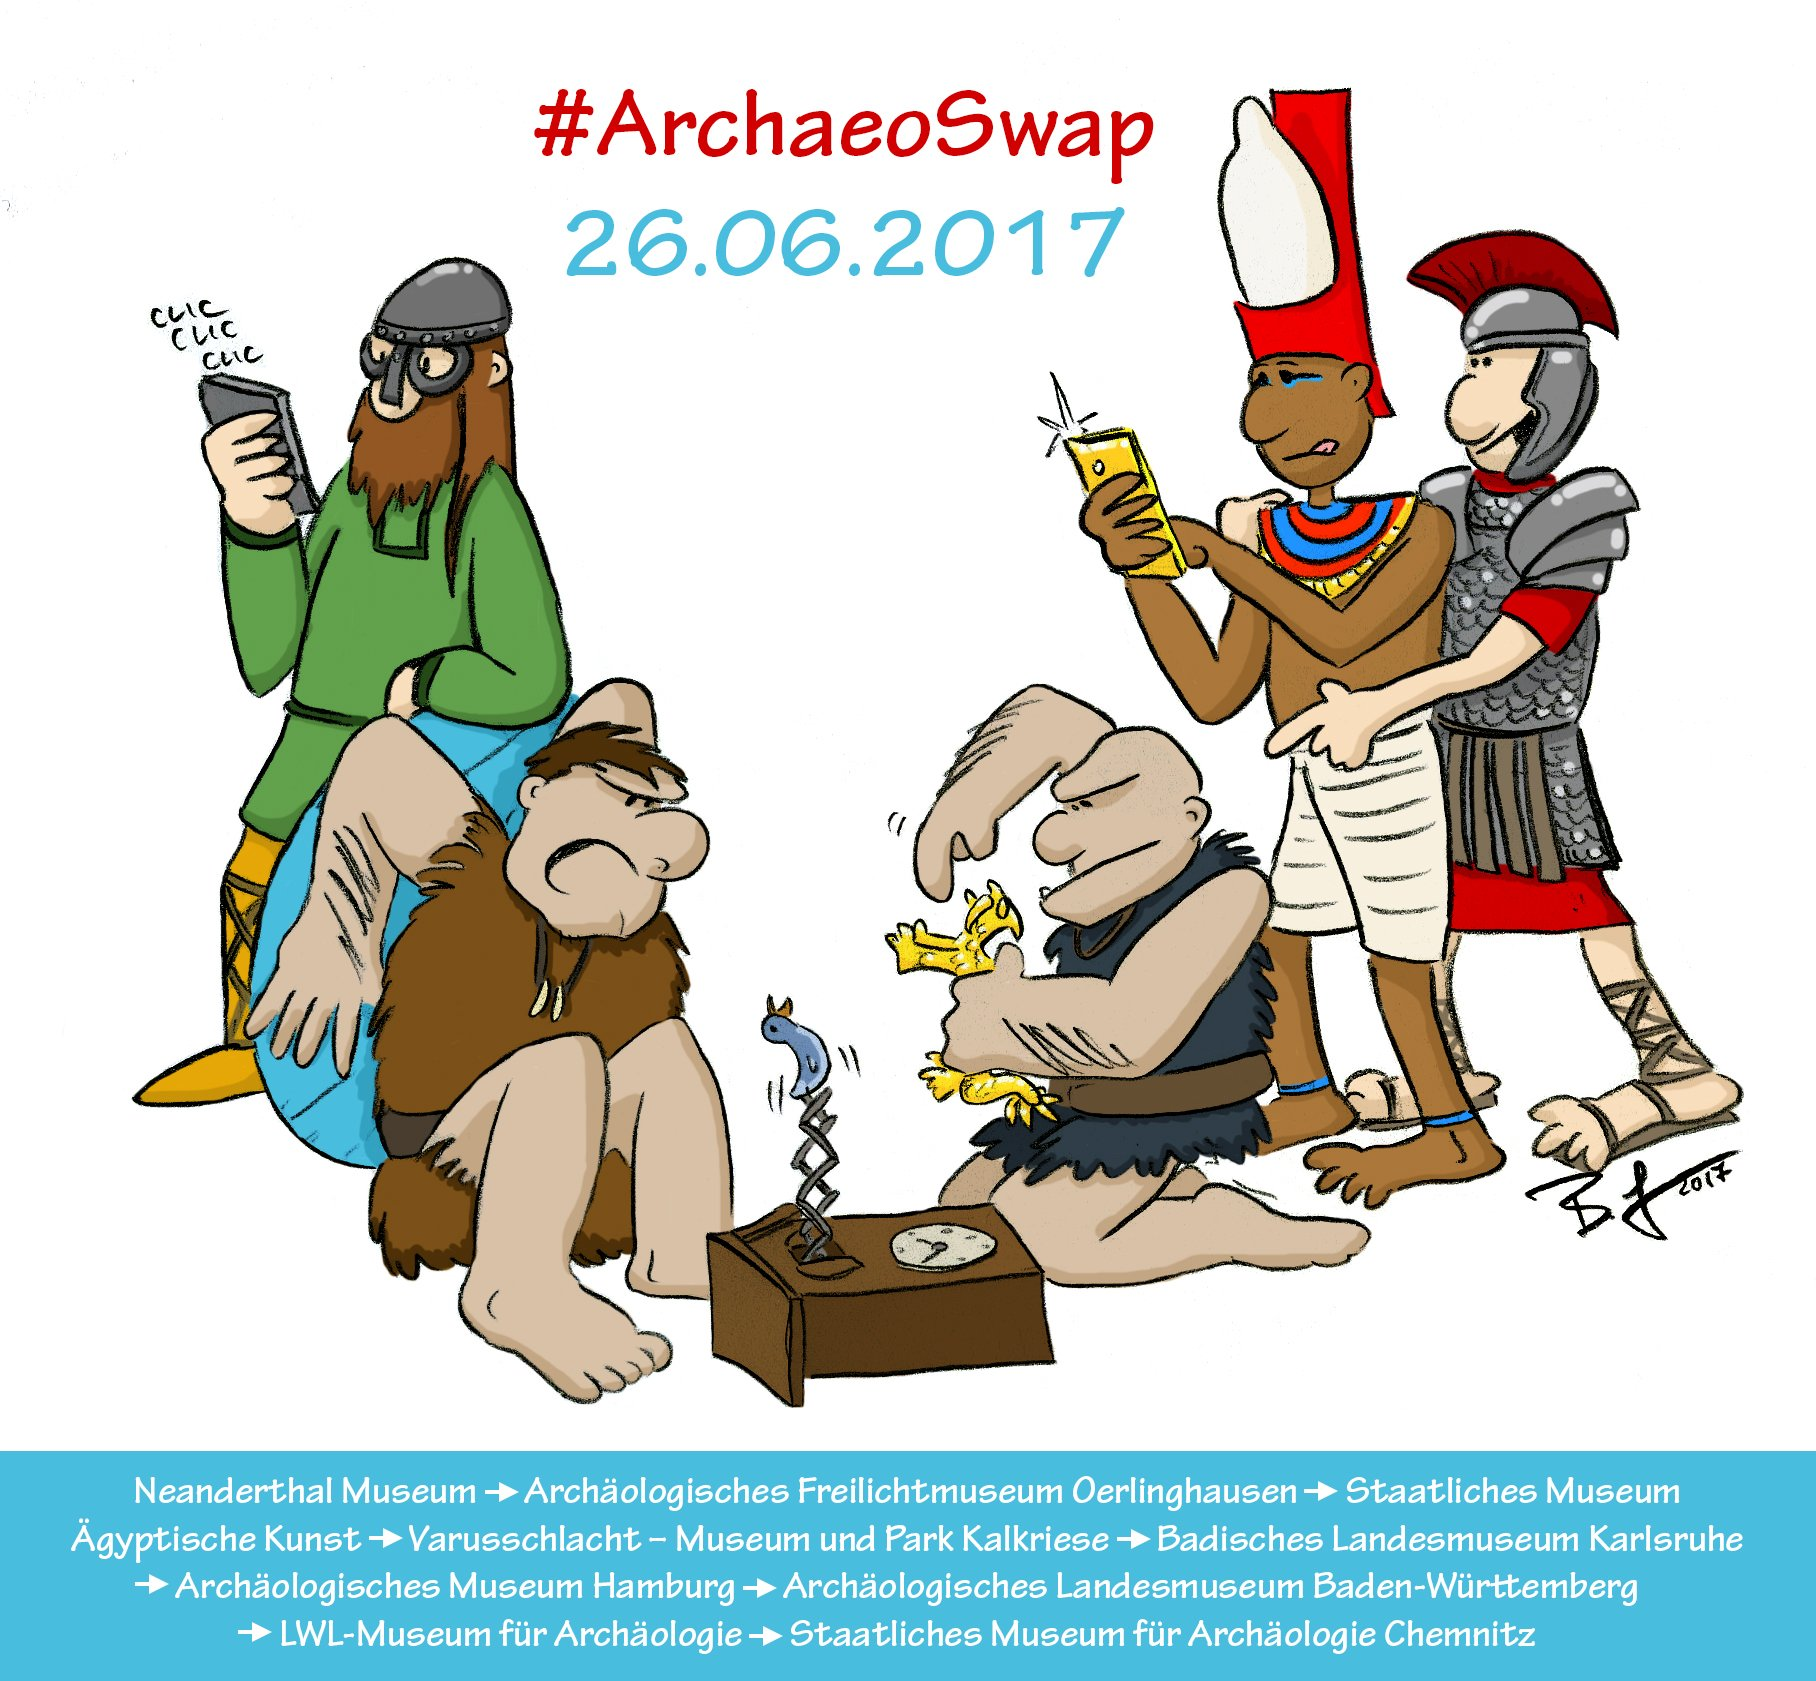 MORGEN #ArchaeoSwap mit neun archäologischen Museen! Auch unsere Accounts wandern - vom  Bodensee zur Waterkant. Wir freuen uns schon! /ds https://t.co/wutREjfjLG